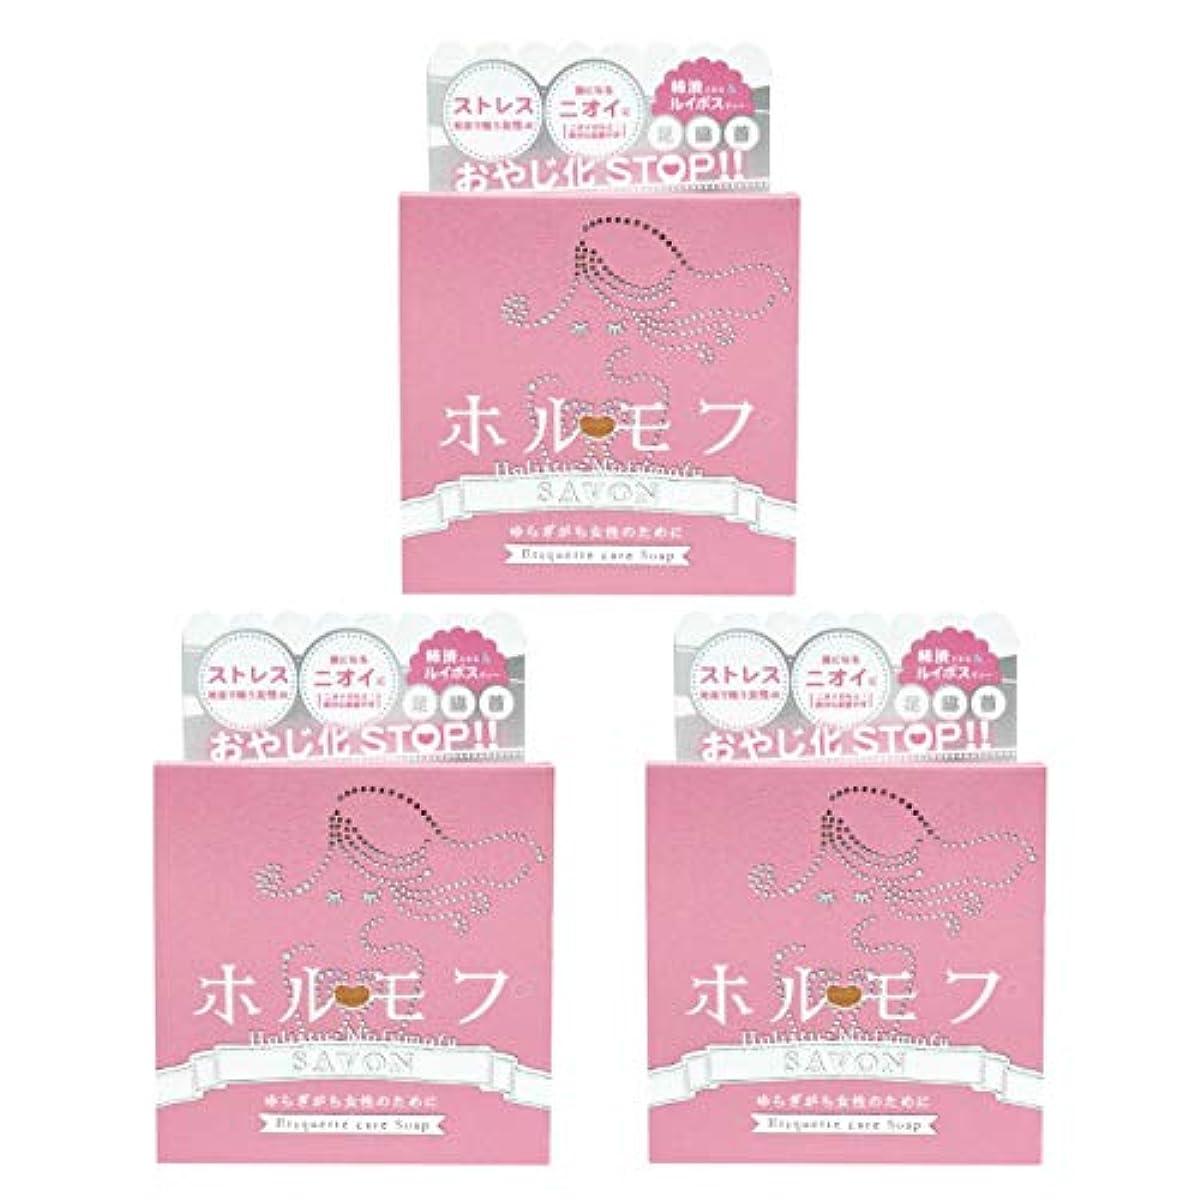 【3個セット】ペリカン石鹸 ホルモフ エチケットソープ 100g【3個セット】